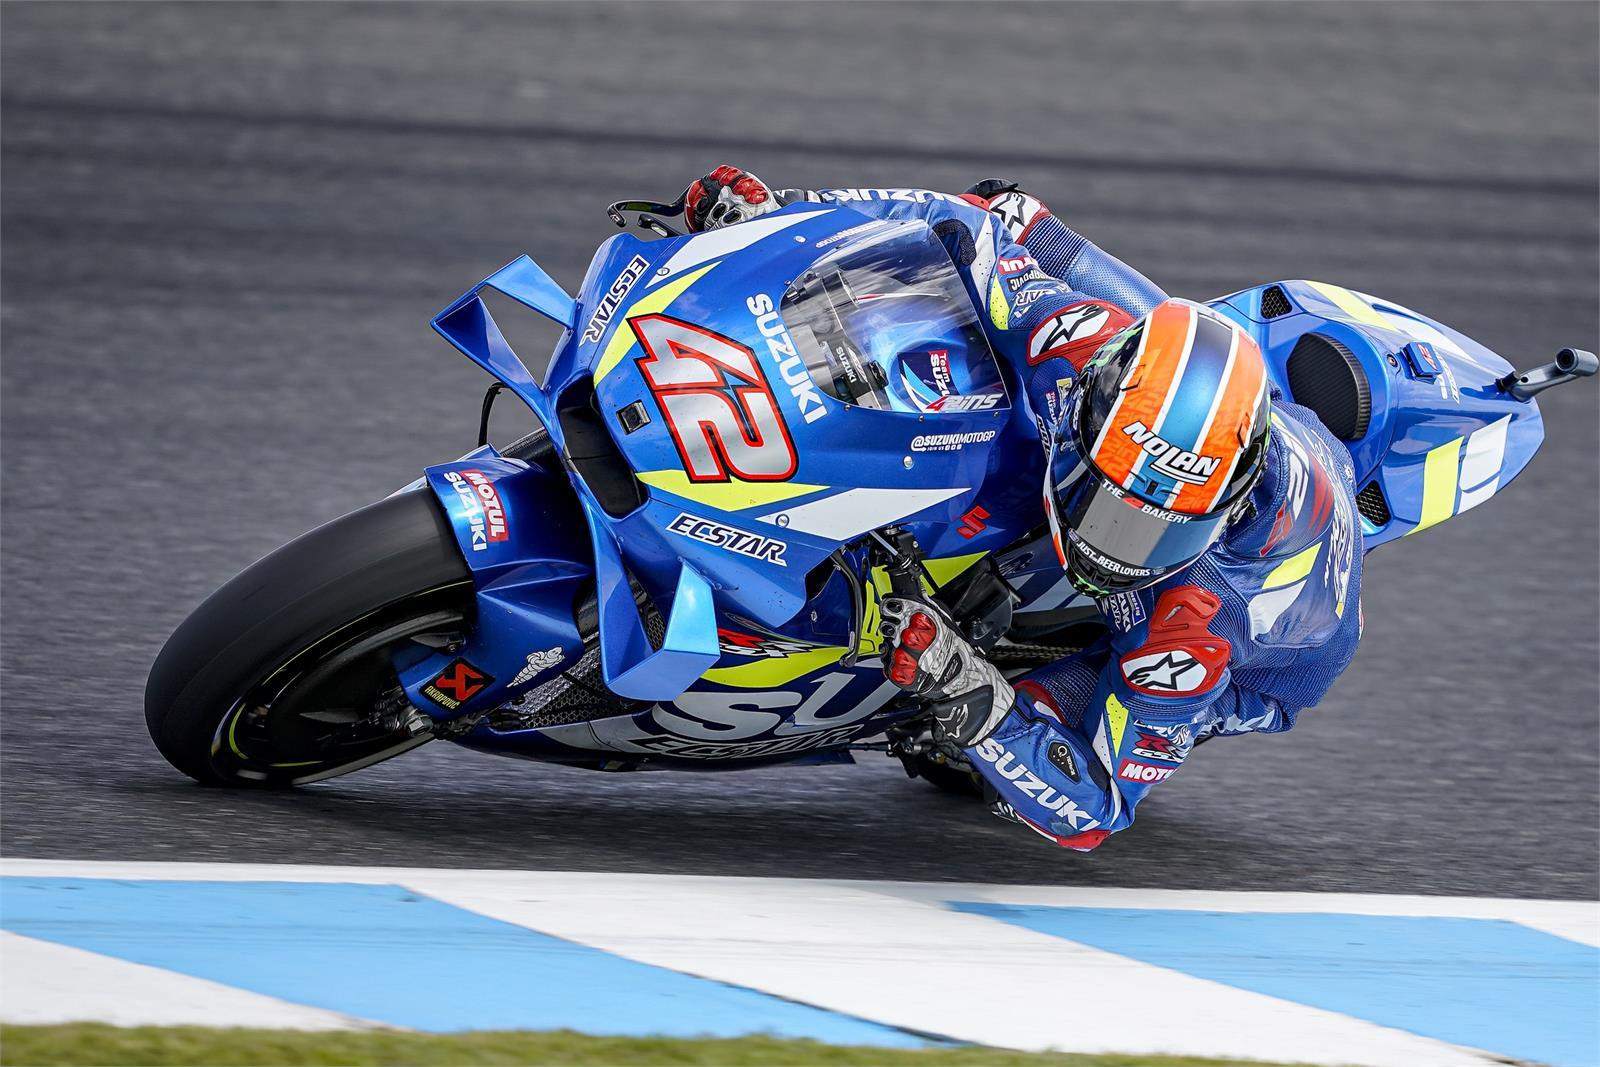 MotoGP2019オーストラリアGP FP2 8位リンス「力強い走りが出来た1日だった」